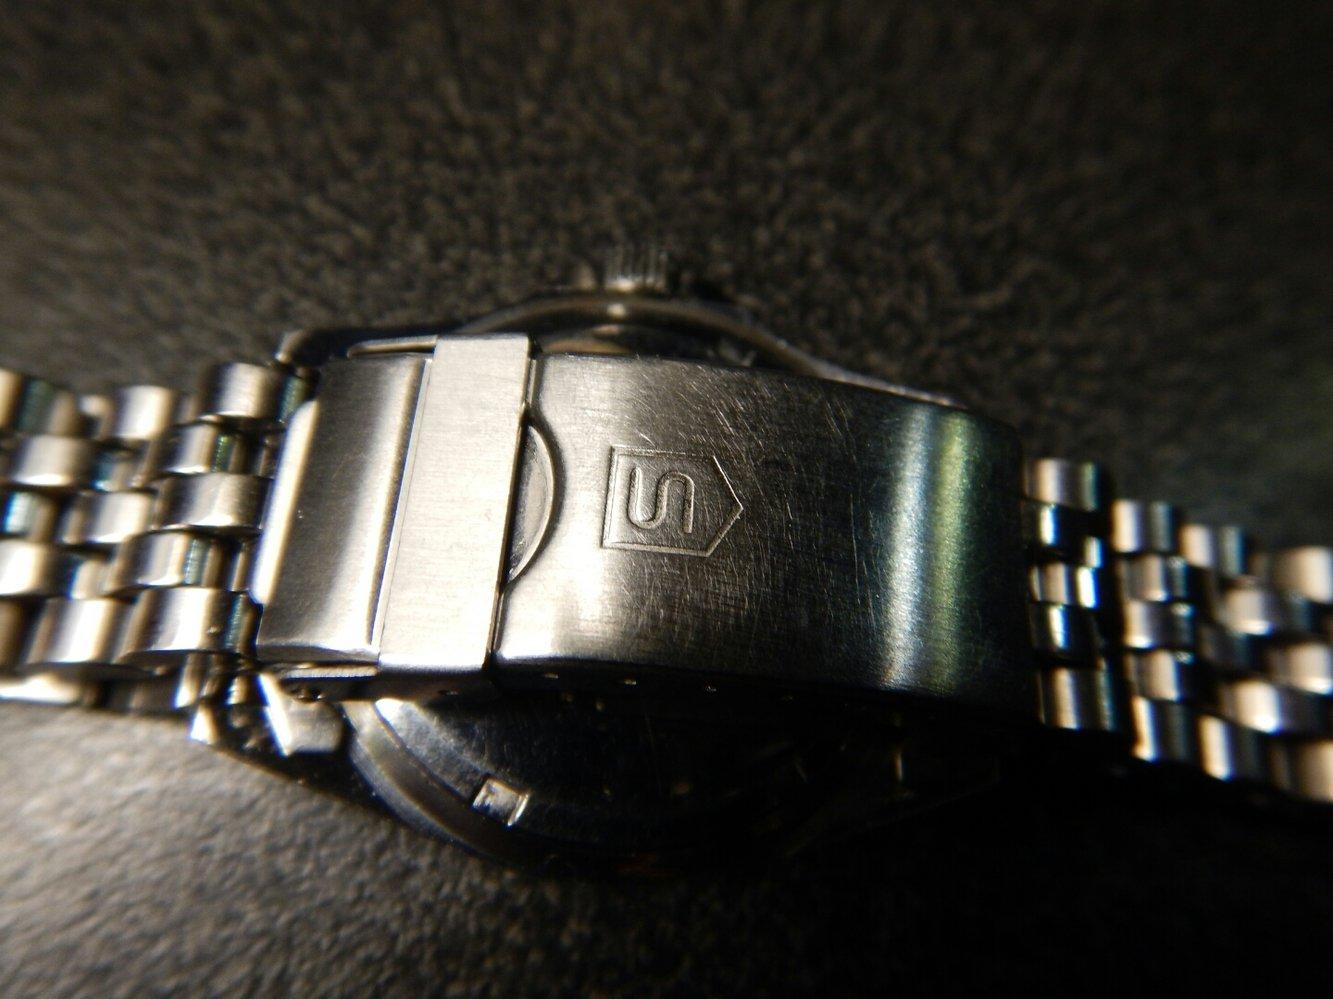 DSCN1011.JPG